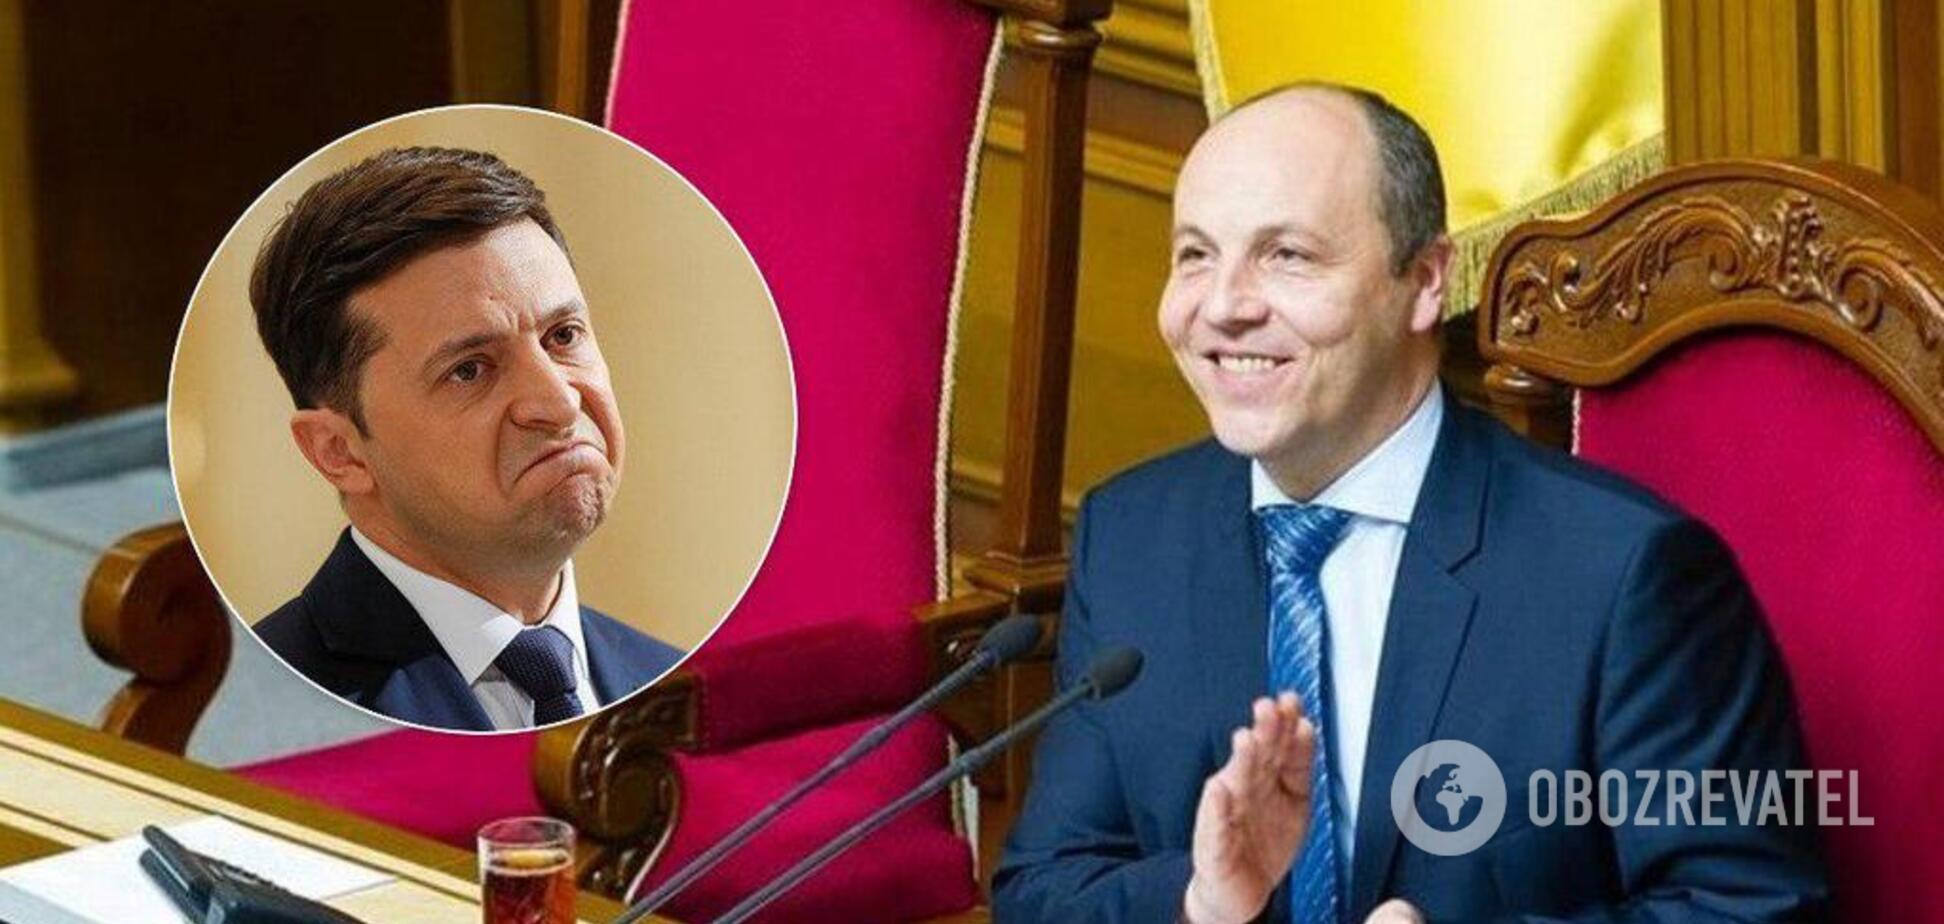 Рада відмовилася розглядати законопроект Зеленського про вибори